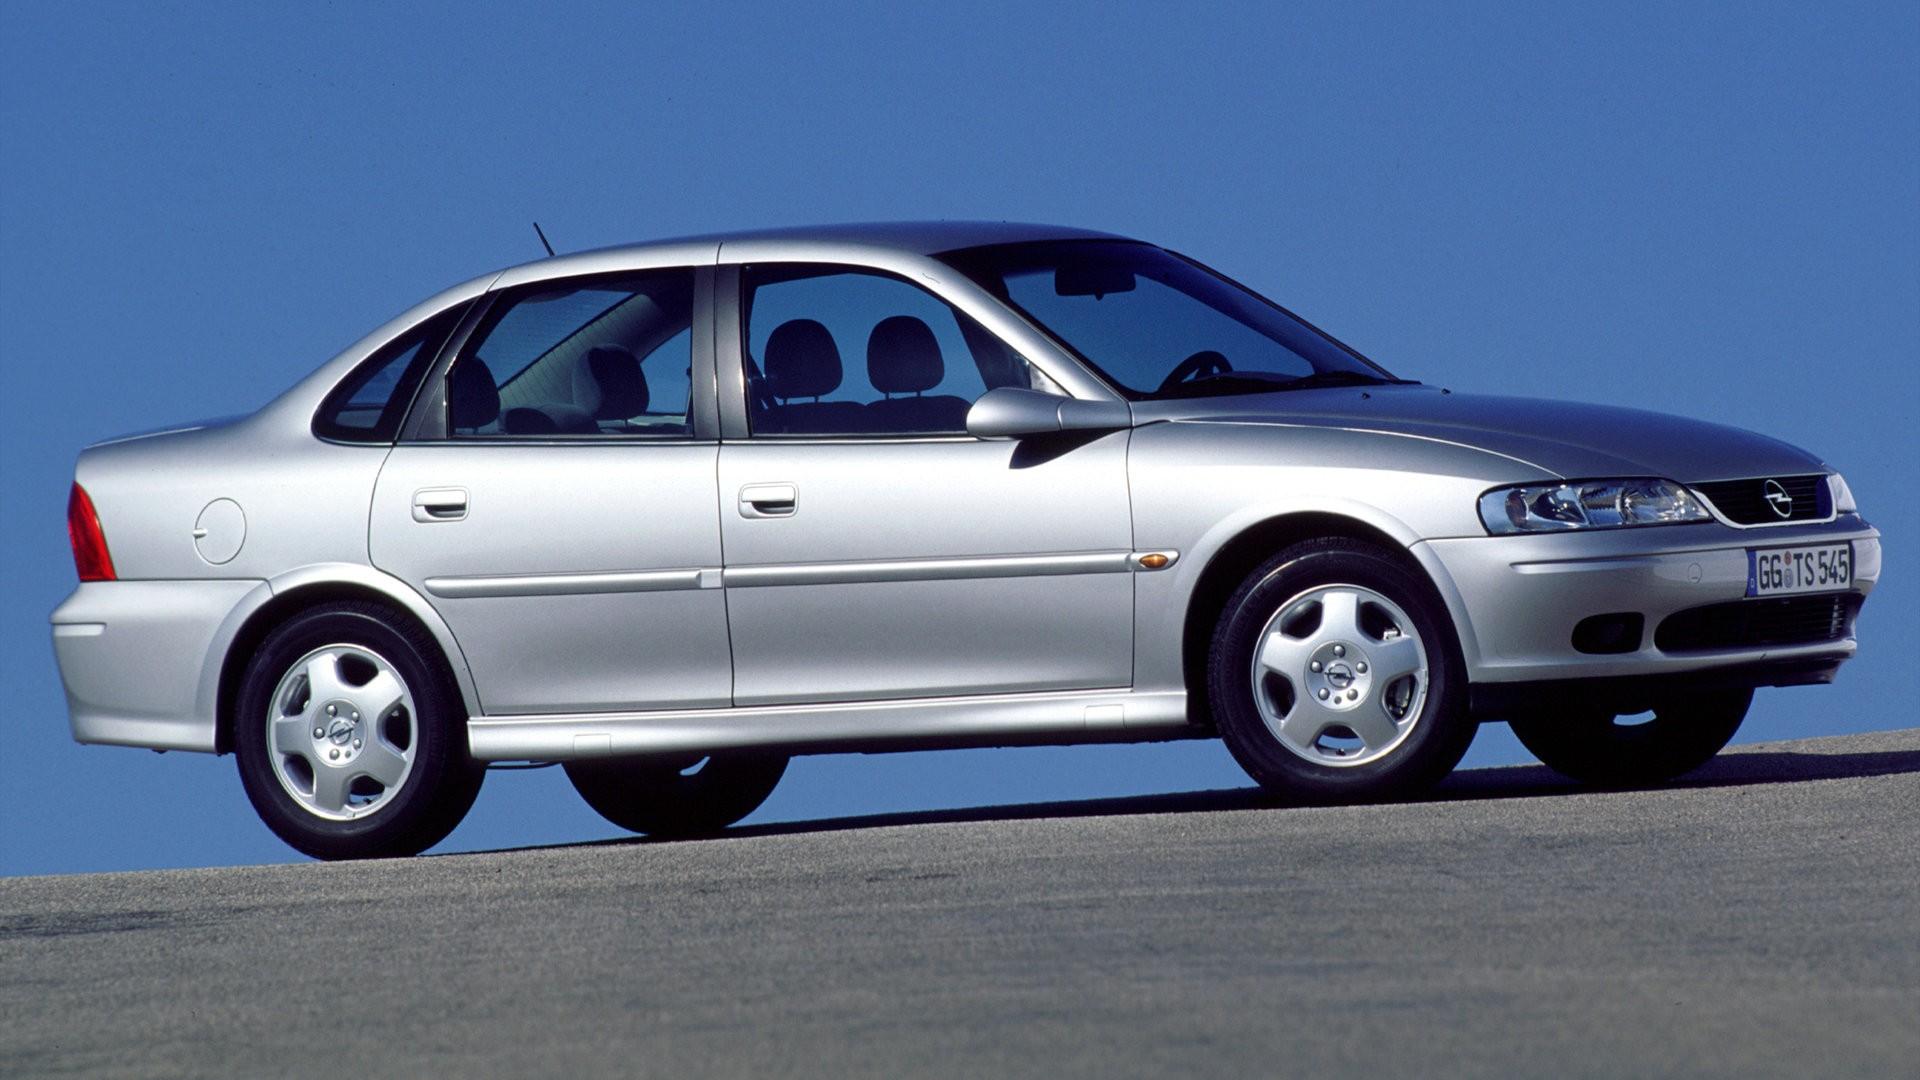 Coche del día: Opel Vectra 2.2 DTI 16v (B)